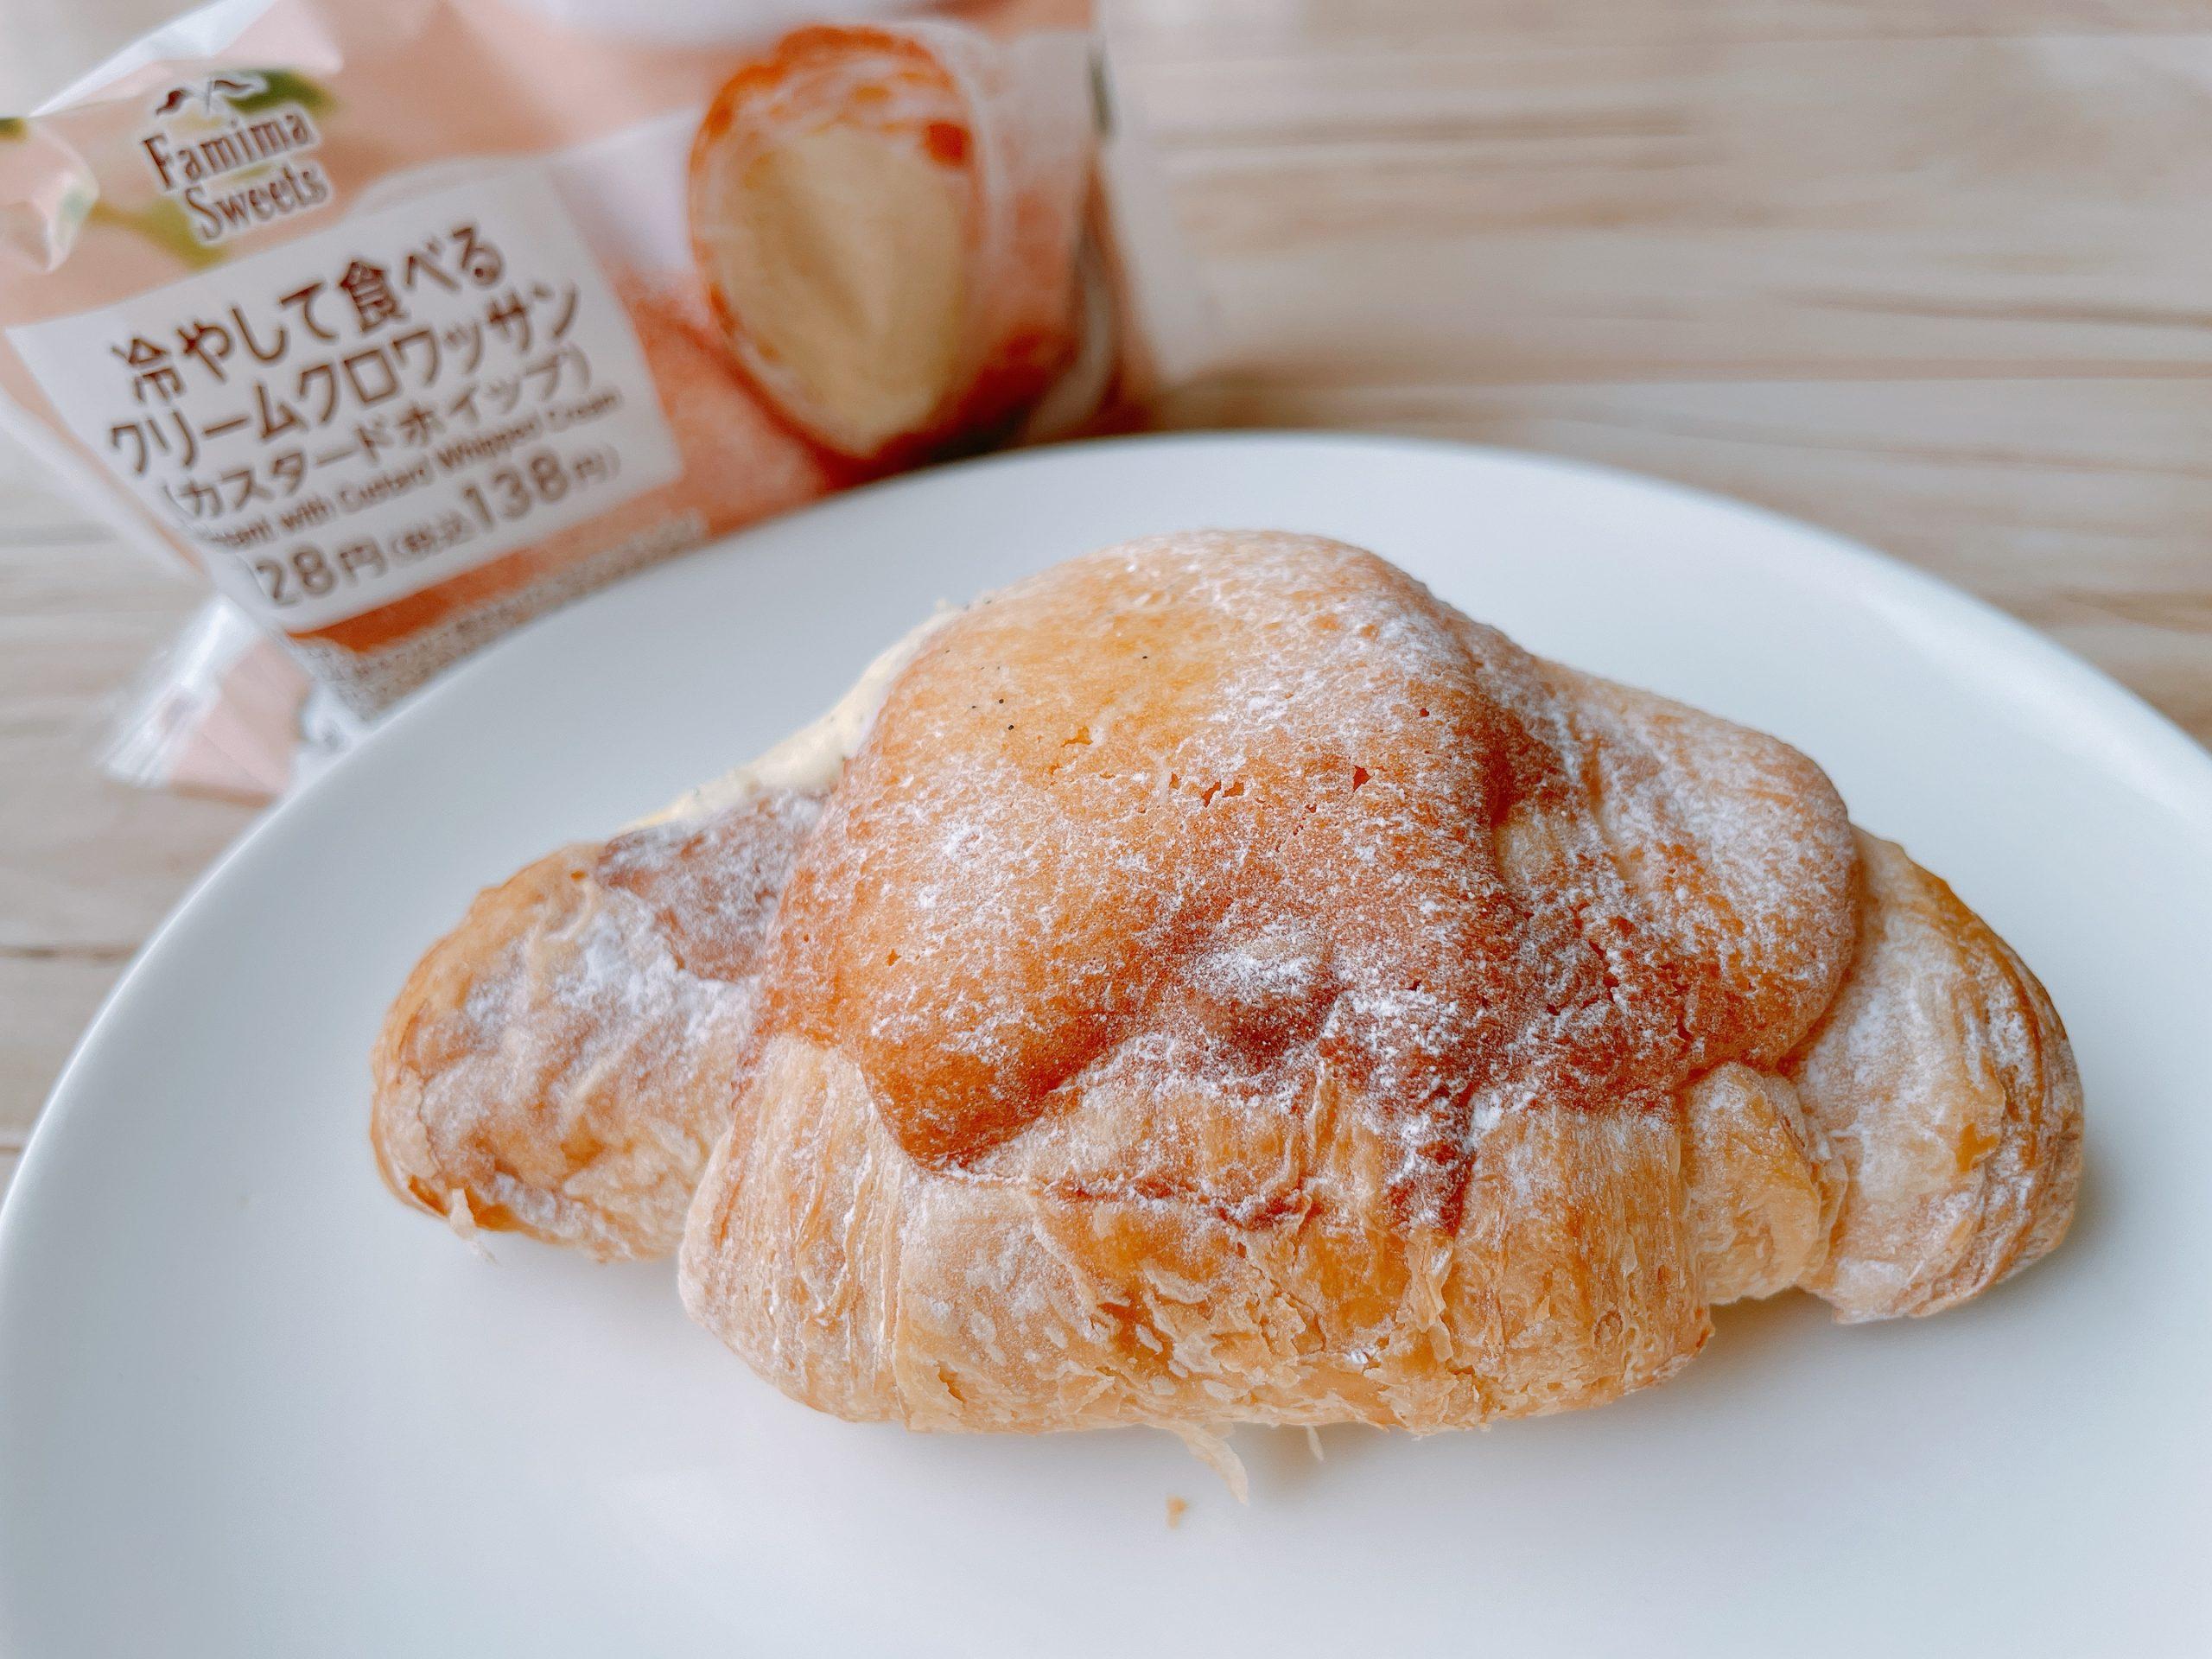 冷やして食べるクリームクロワッサン(カスタードホイップ)の見た目や表面の質感は、クロワッサンぽくない